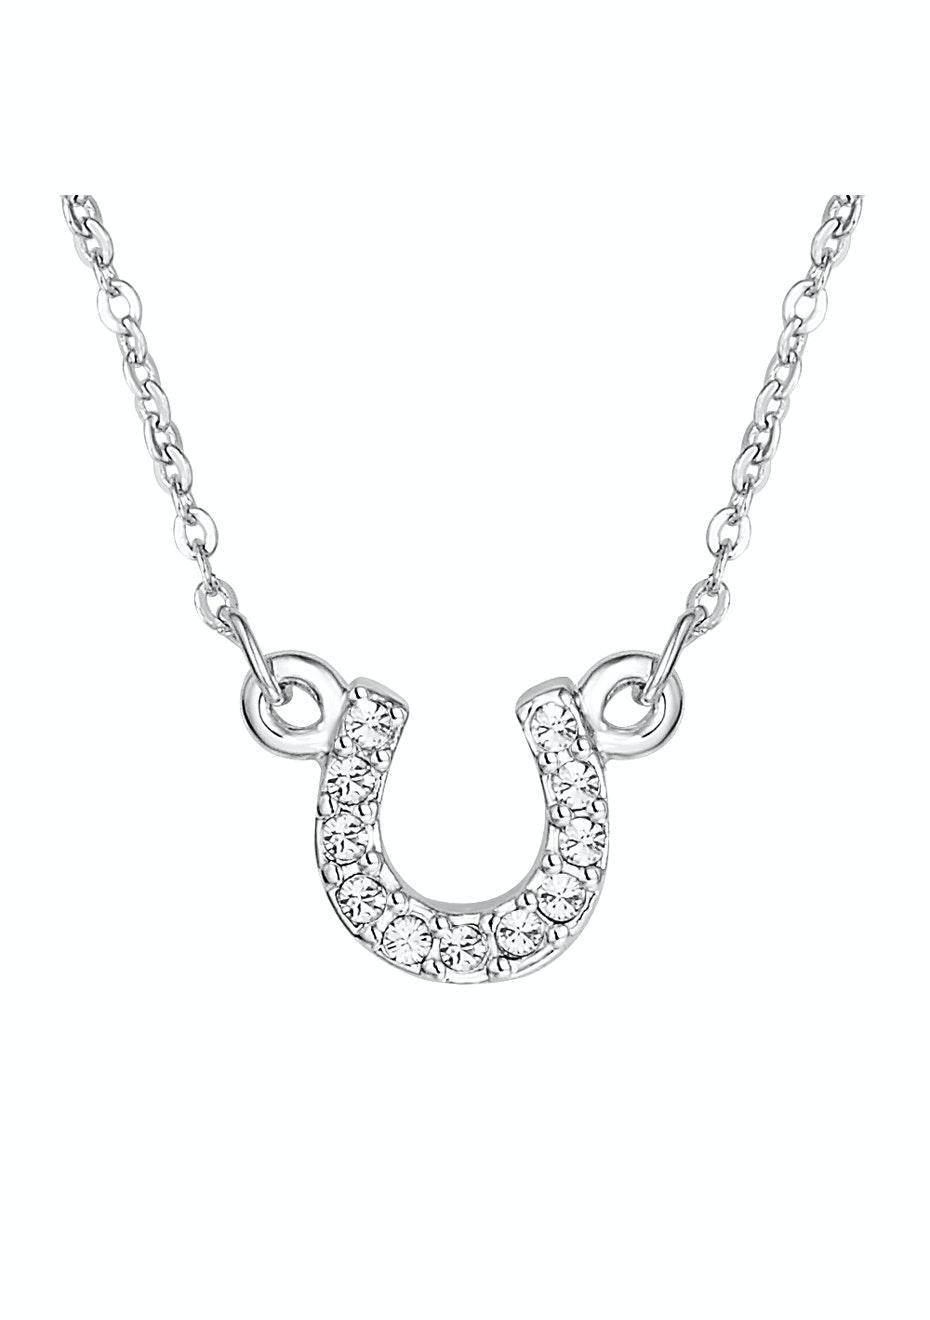 Horseshoe Necklace Ft Swarovski Elements